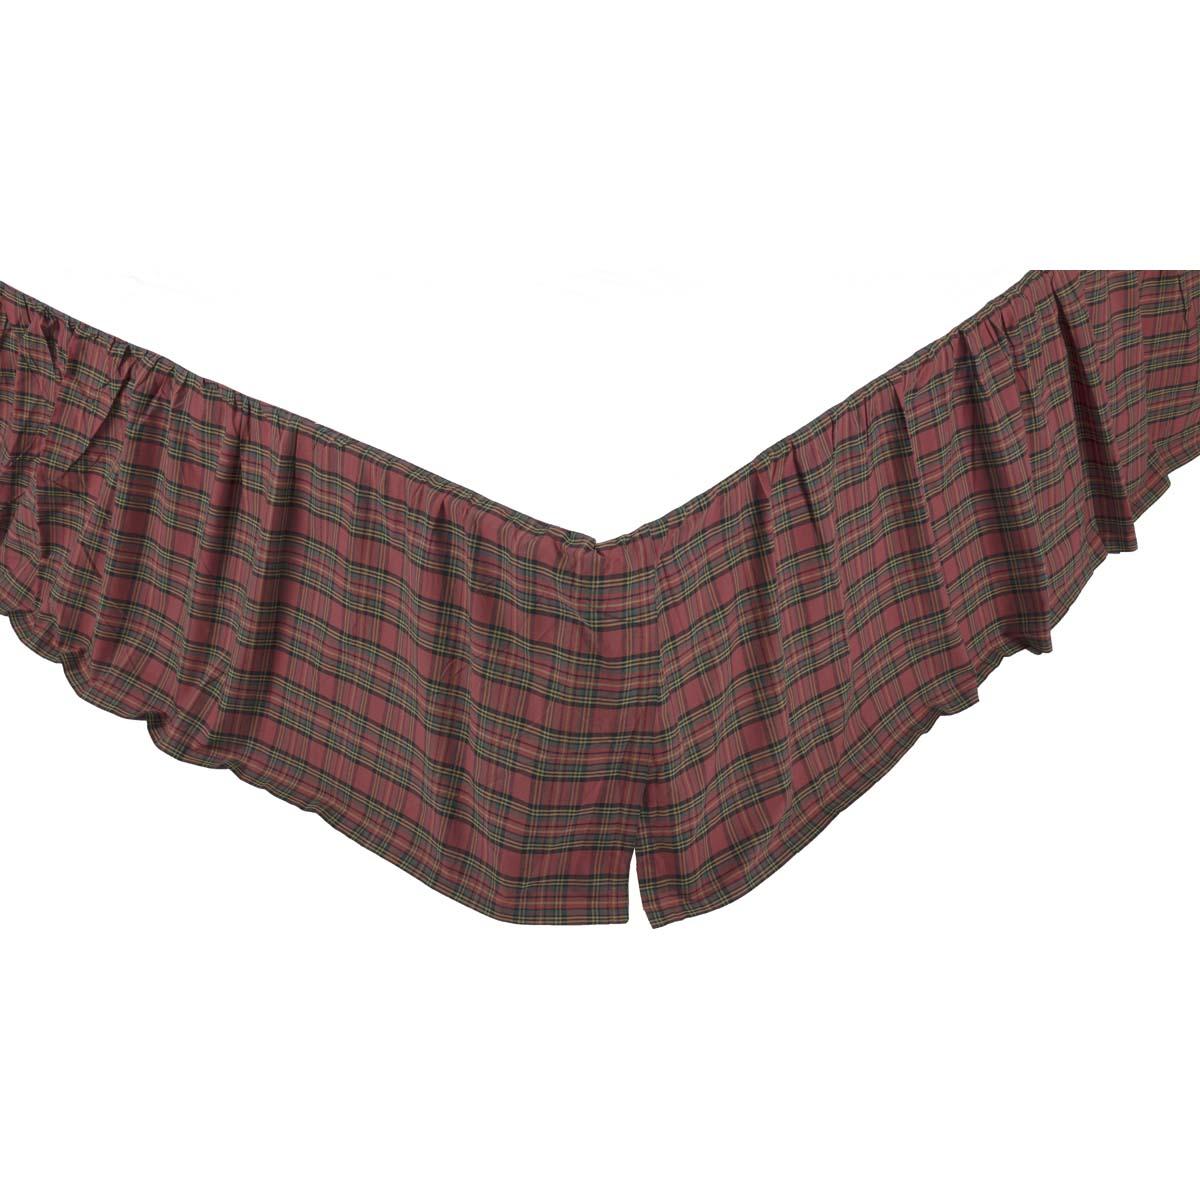 Tartan Red Plaid Twin Bed Skirt 39x76x16